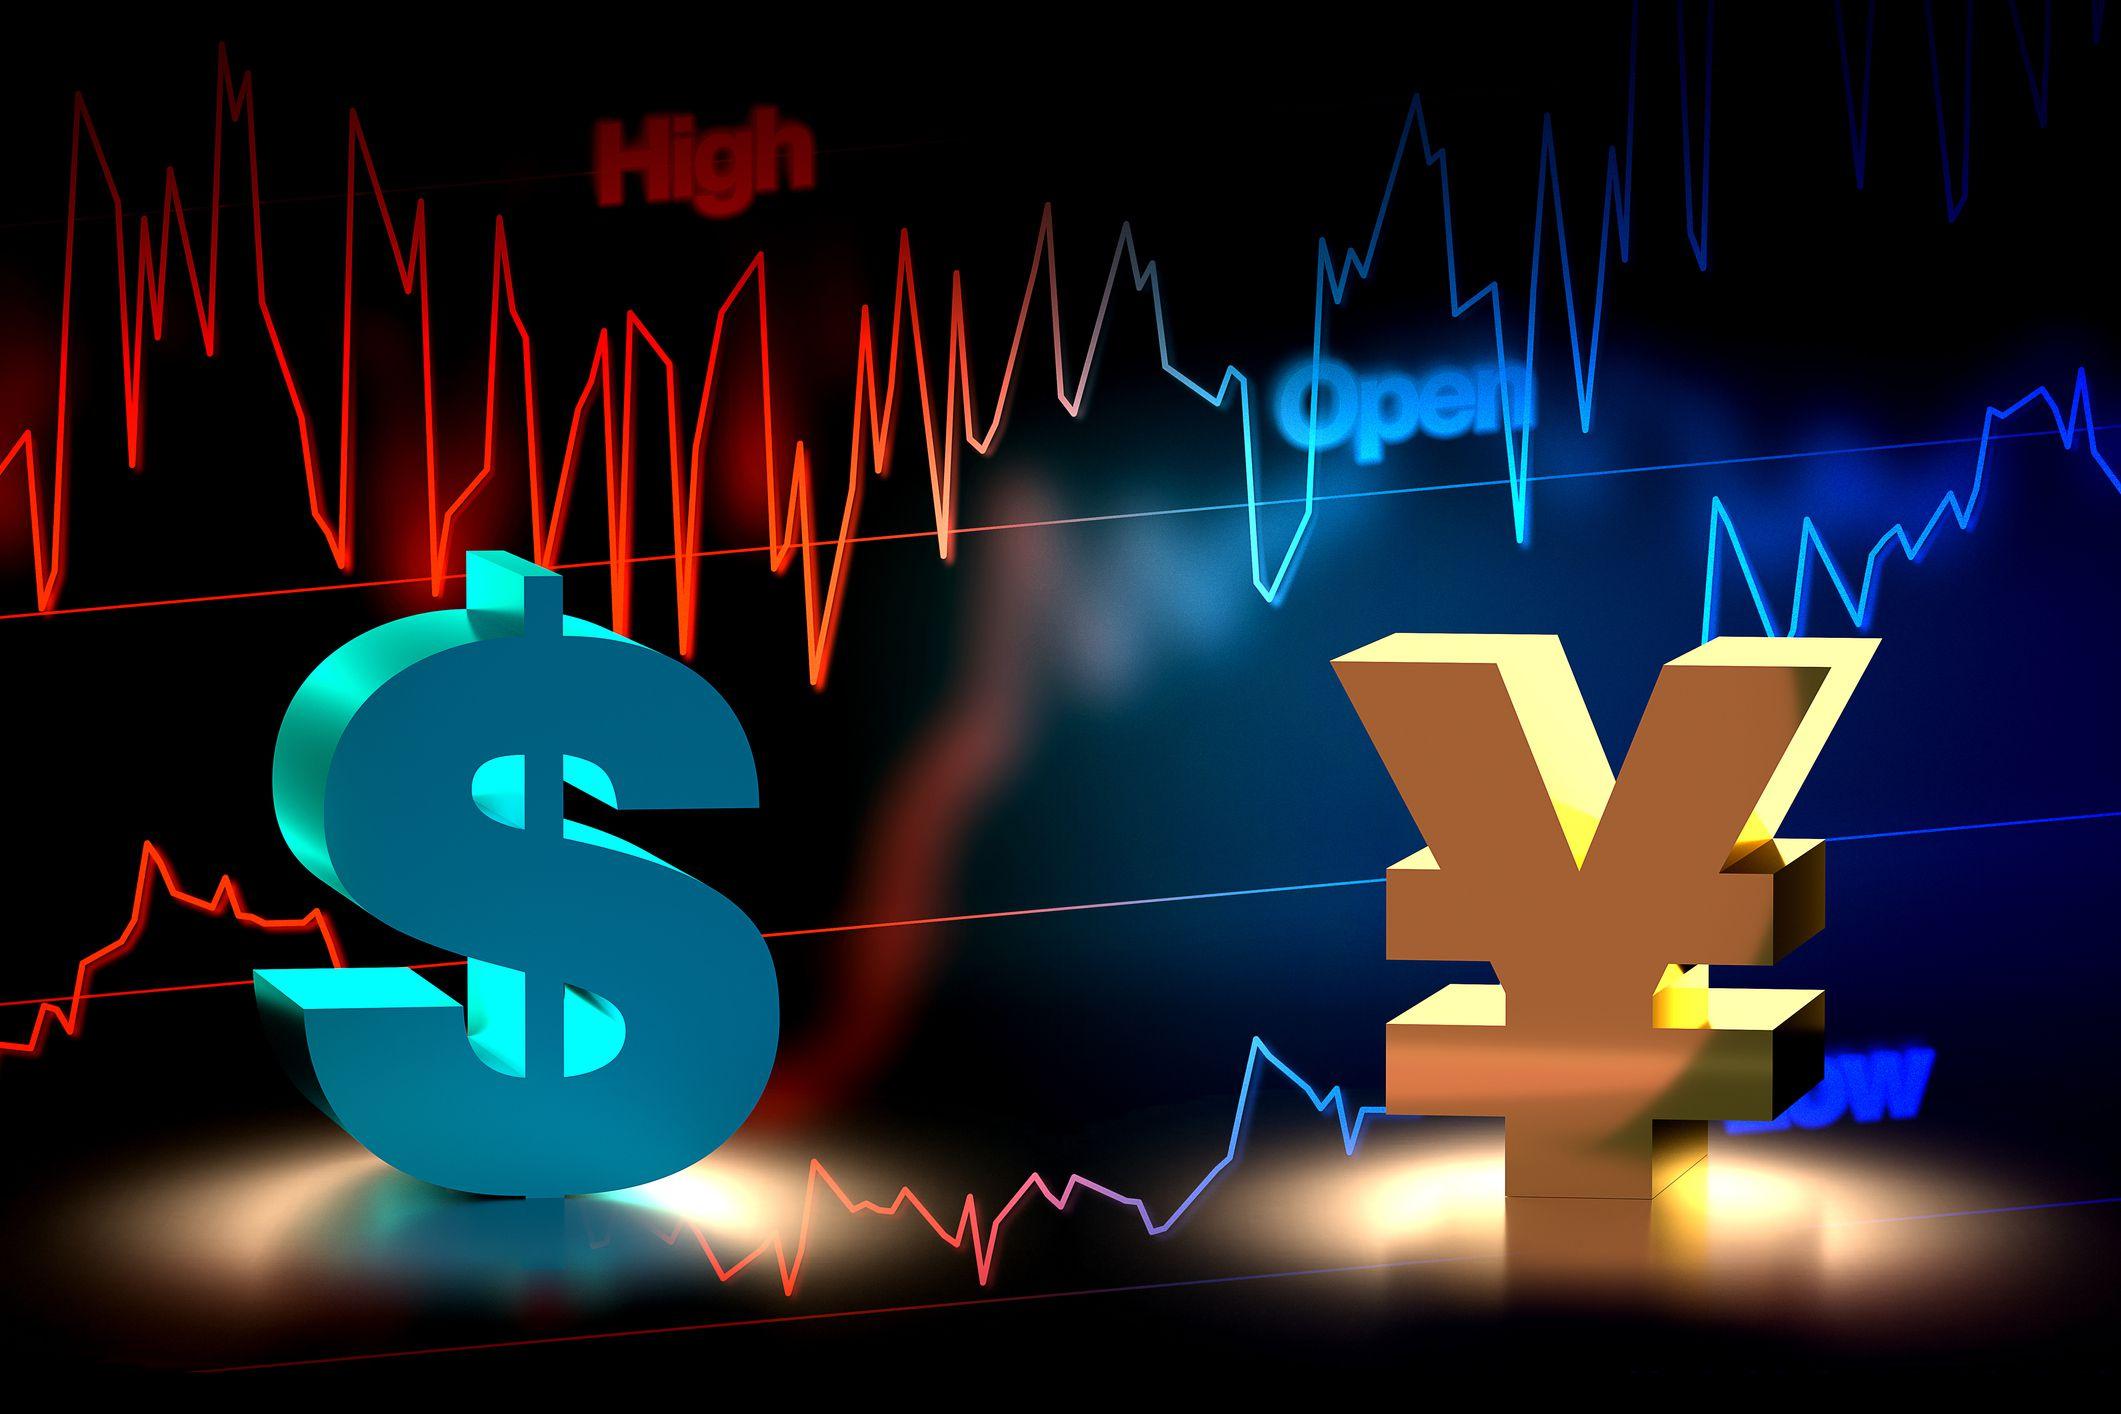 cum să înveți să identifici semnale de tranzacționare